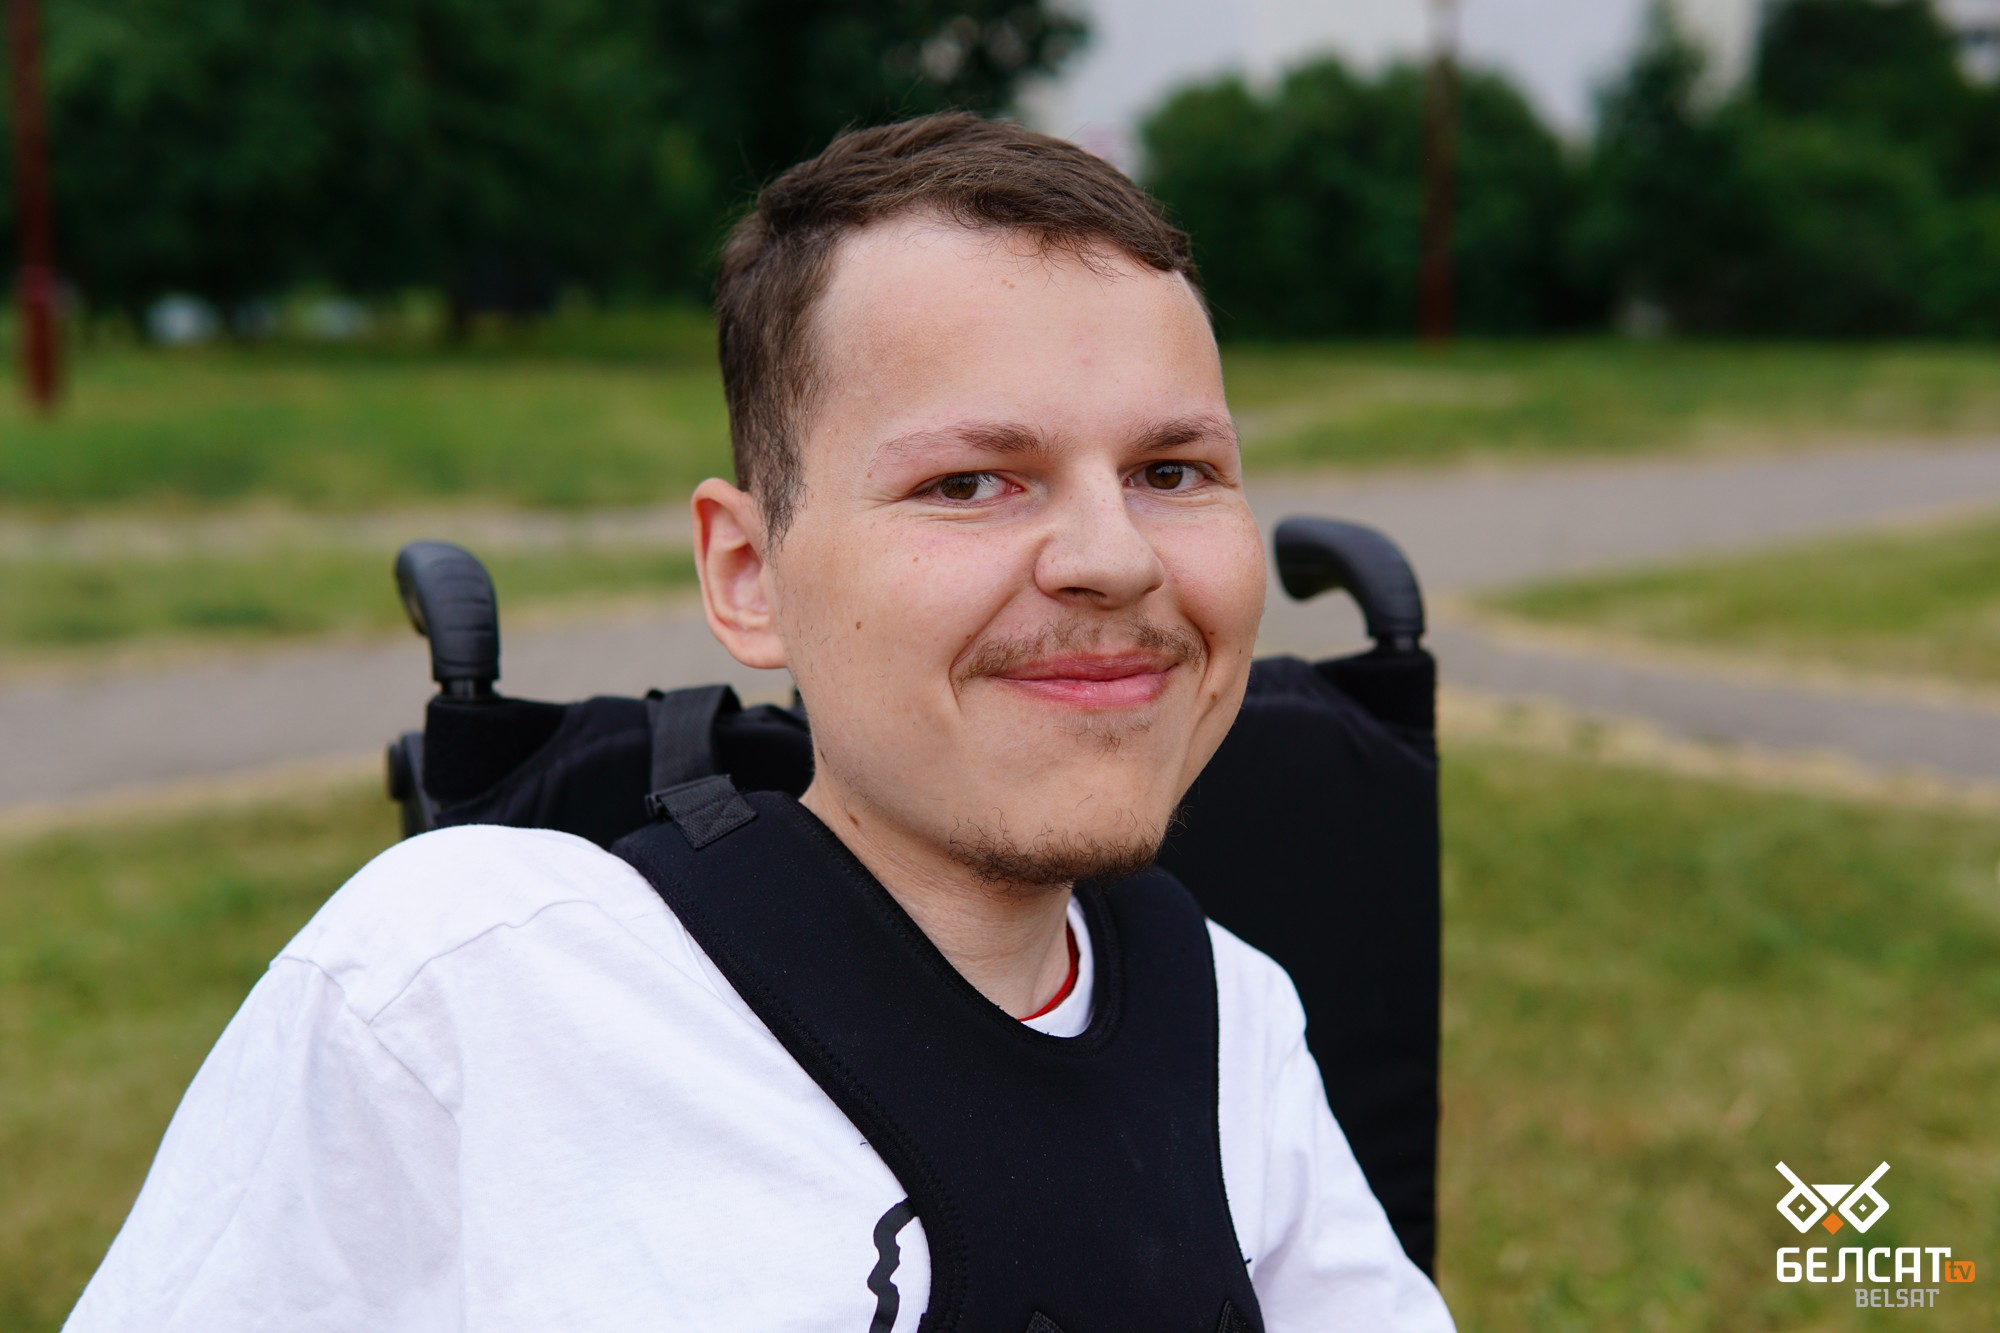 Максим Семашко родился с тяжелым заболеванием: спинальной мышечной атрофией. Он с детства находится в инвалидной коляске. Минск, Беларусь. 24 июня 2021 года. Фото: АК / Белсат